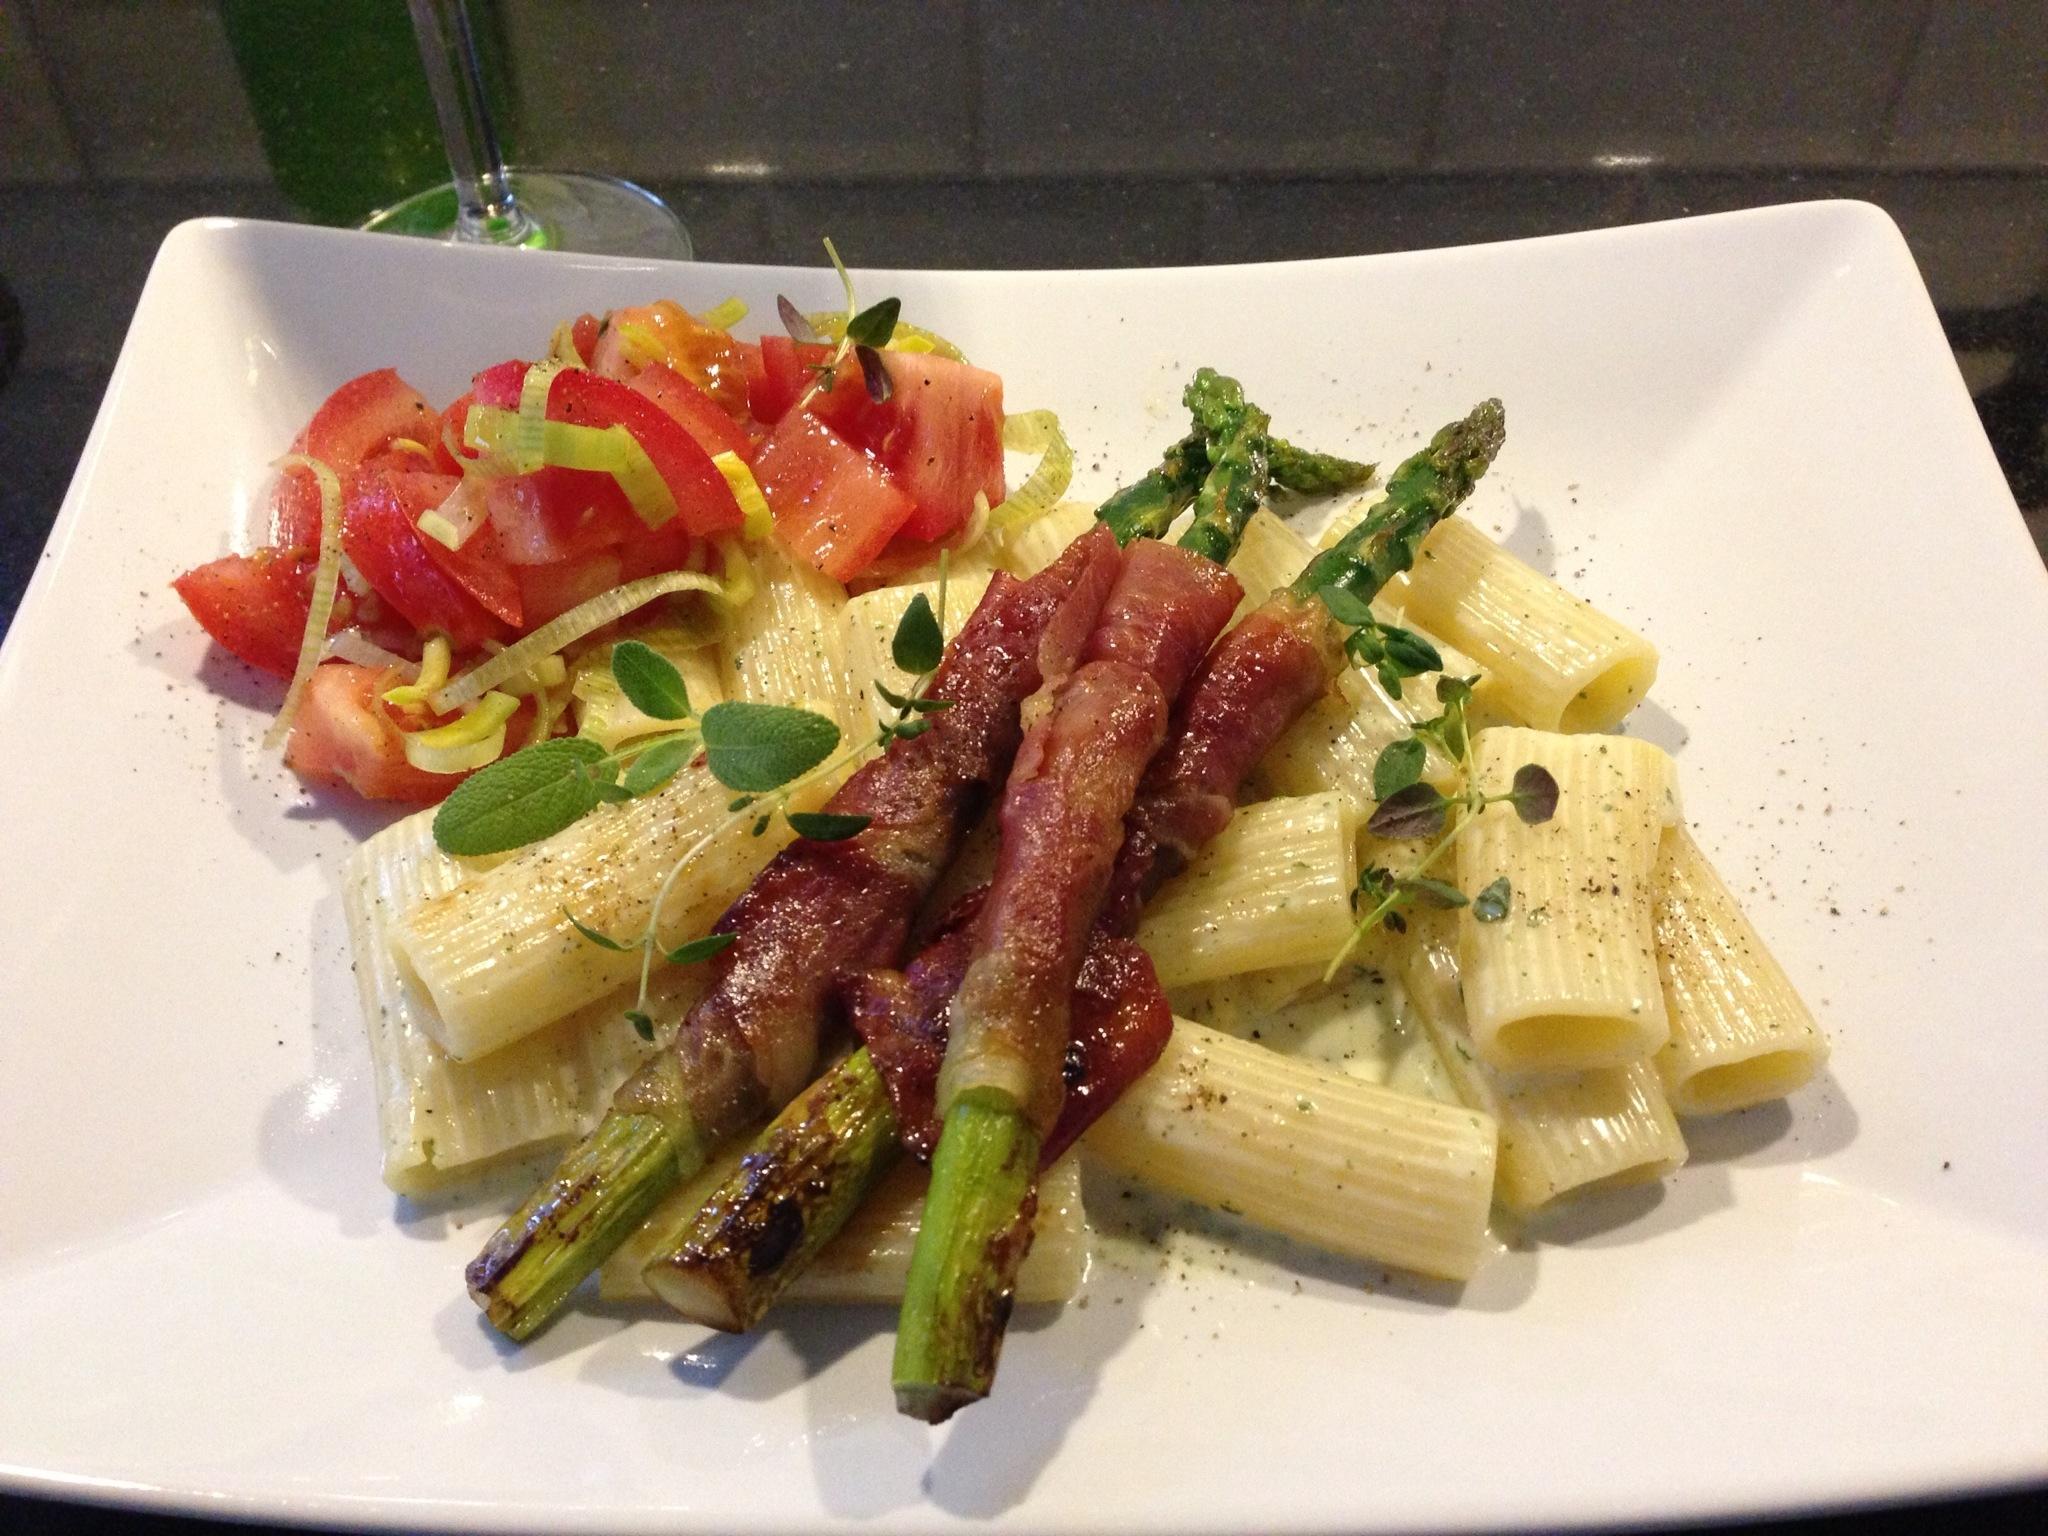 Krämig pasta med salvia, bakade tomater och serranolindad, rostad sparris